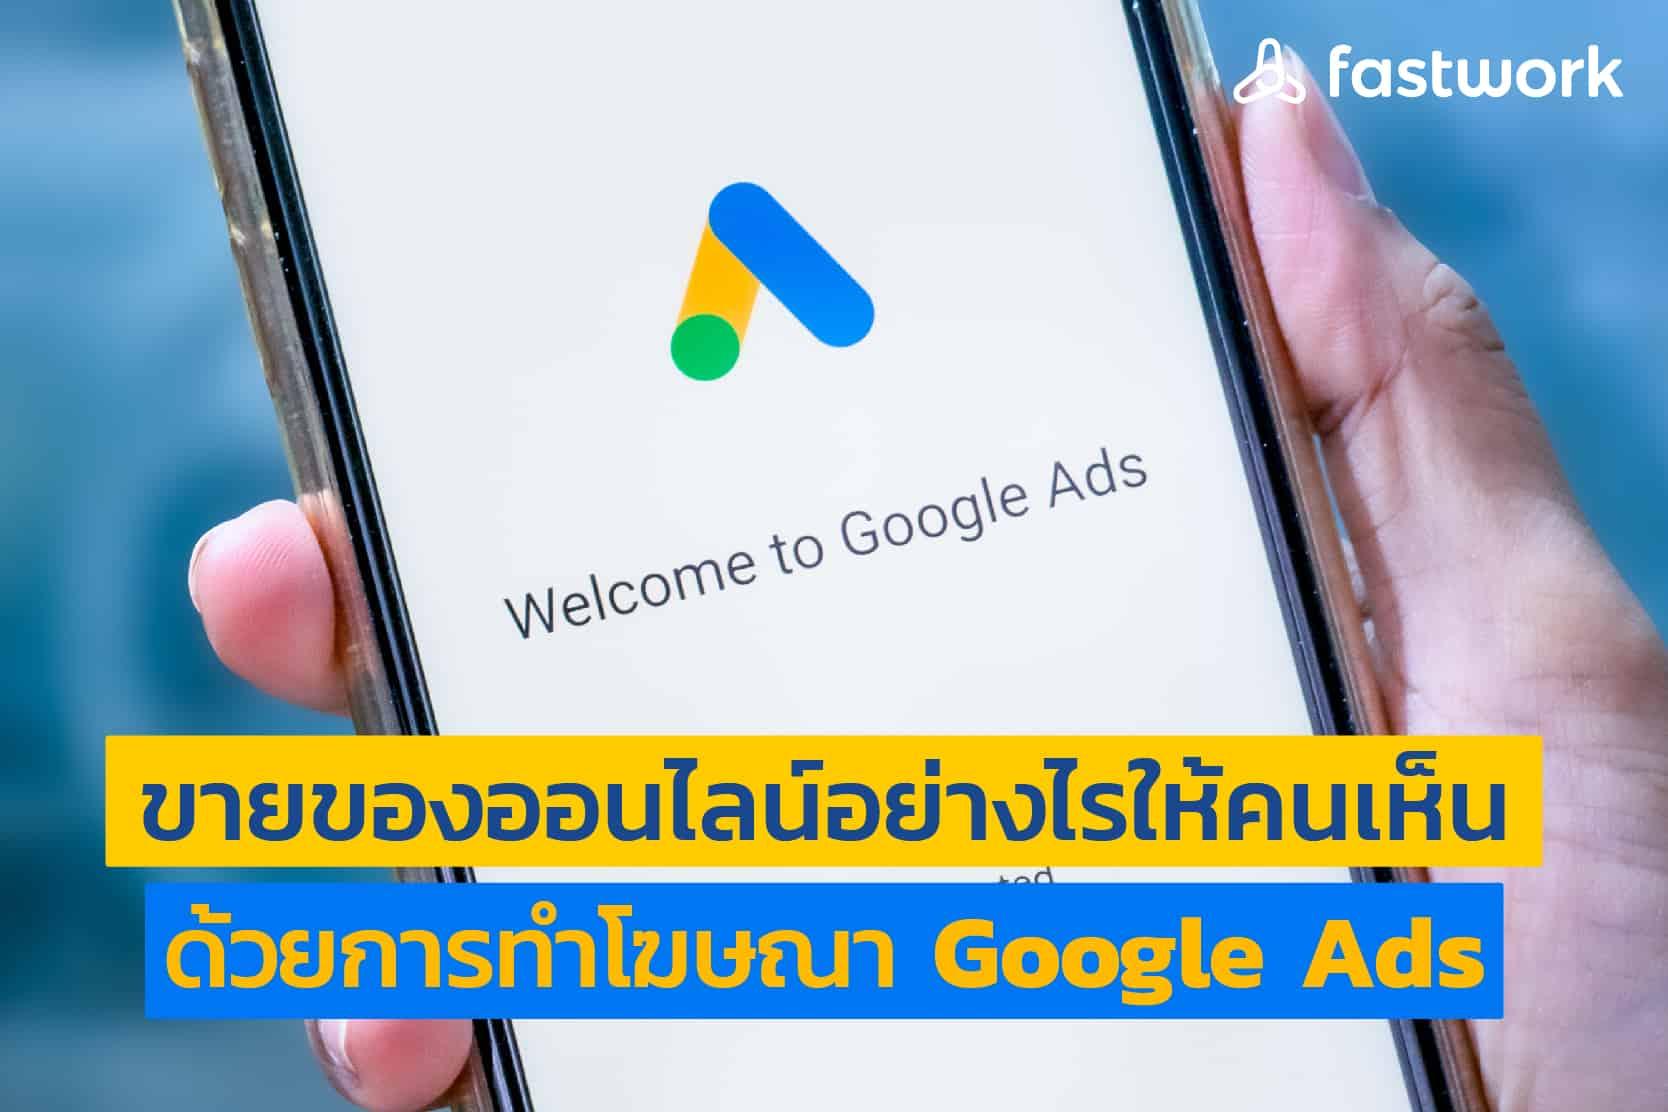 ขายของออนไลน์อย่างไรให้คนเห็นด้วยการทำโฆษณา Google Ads